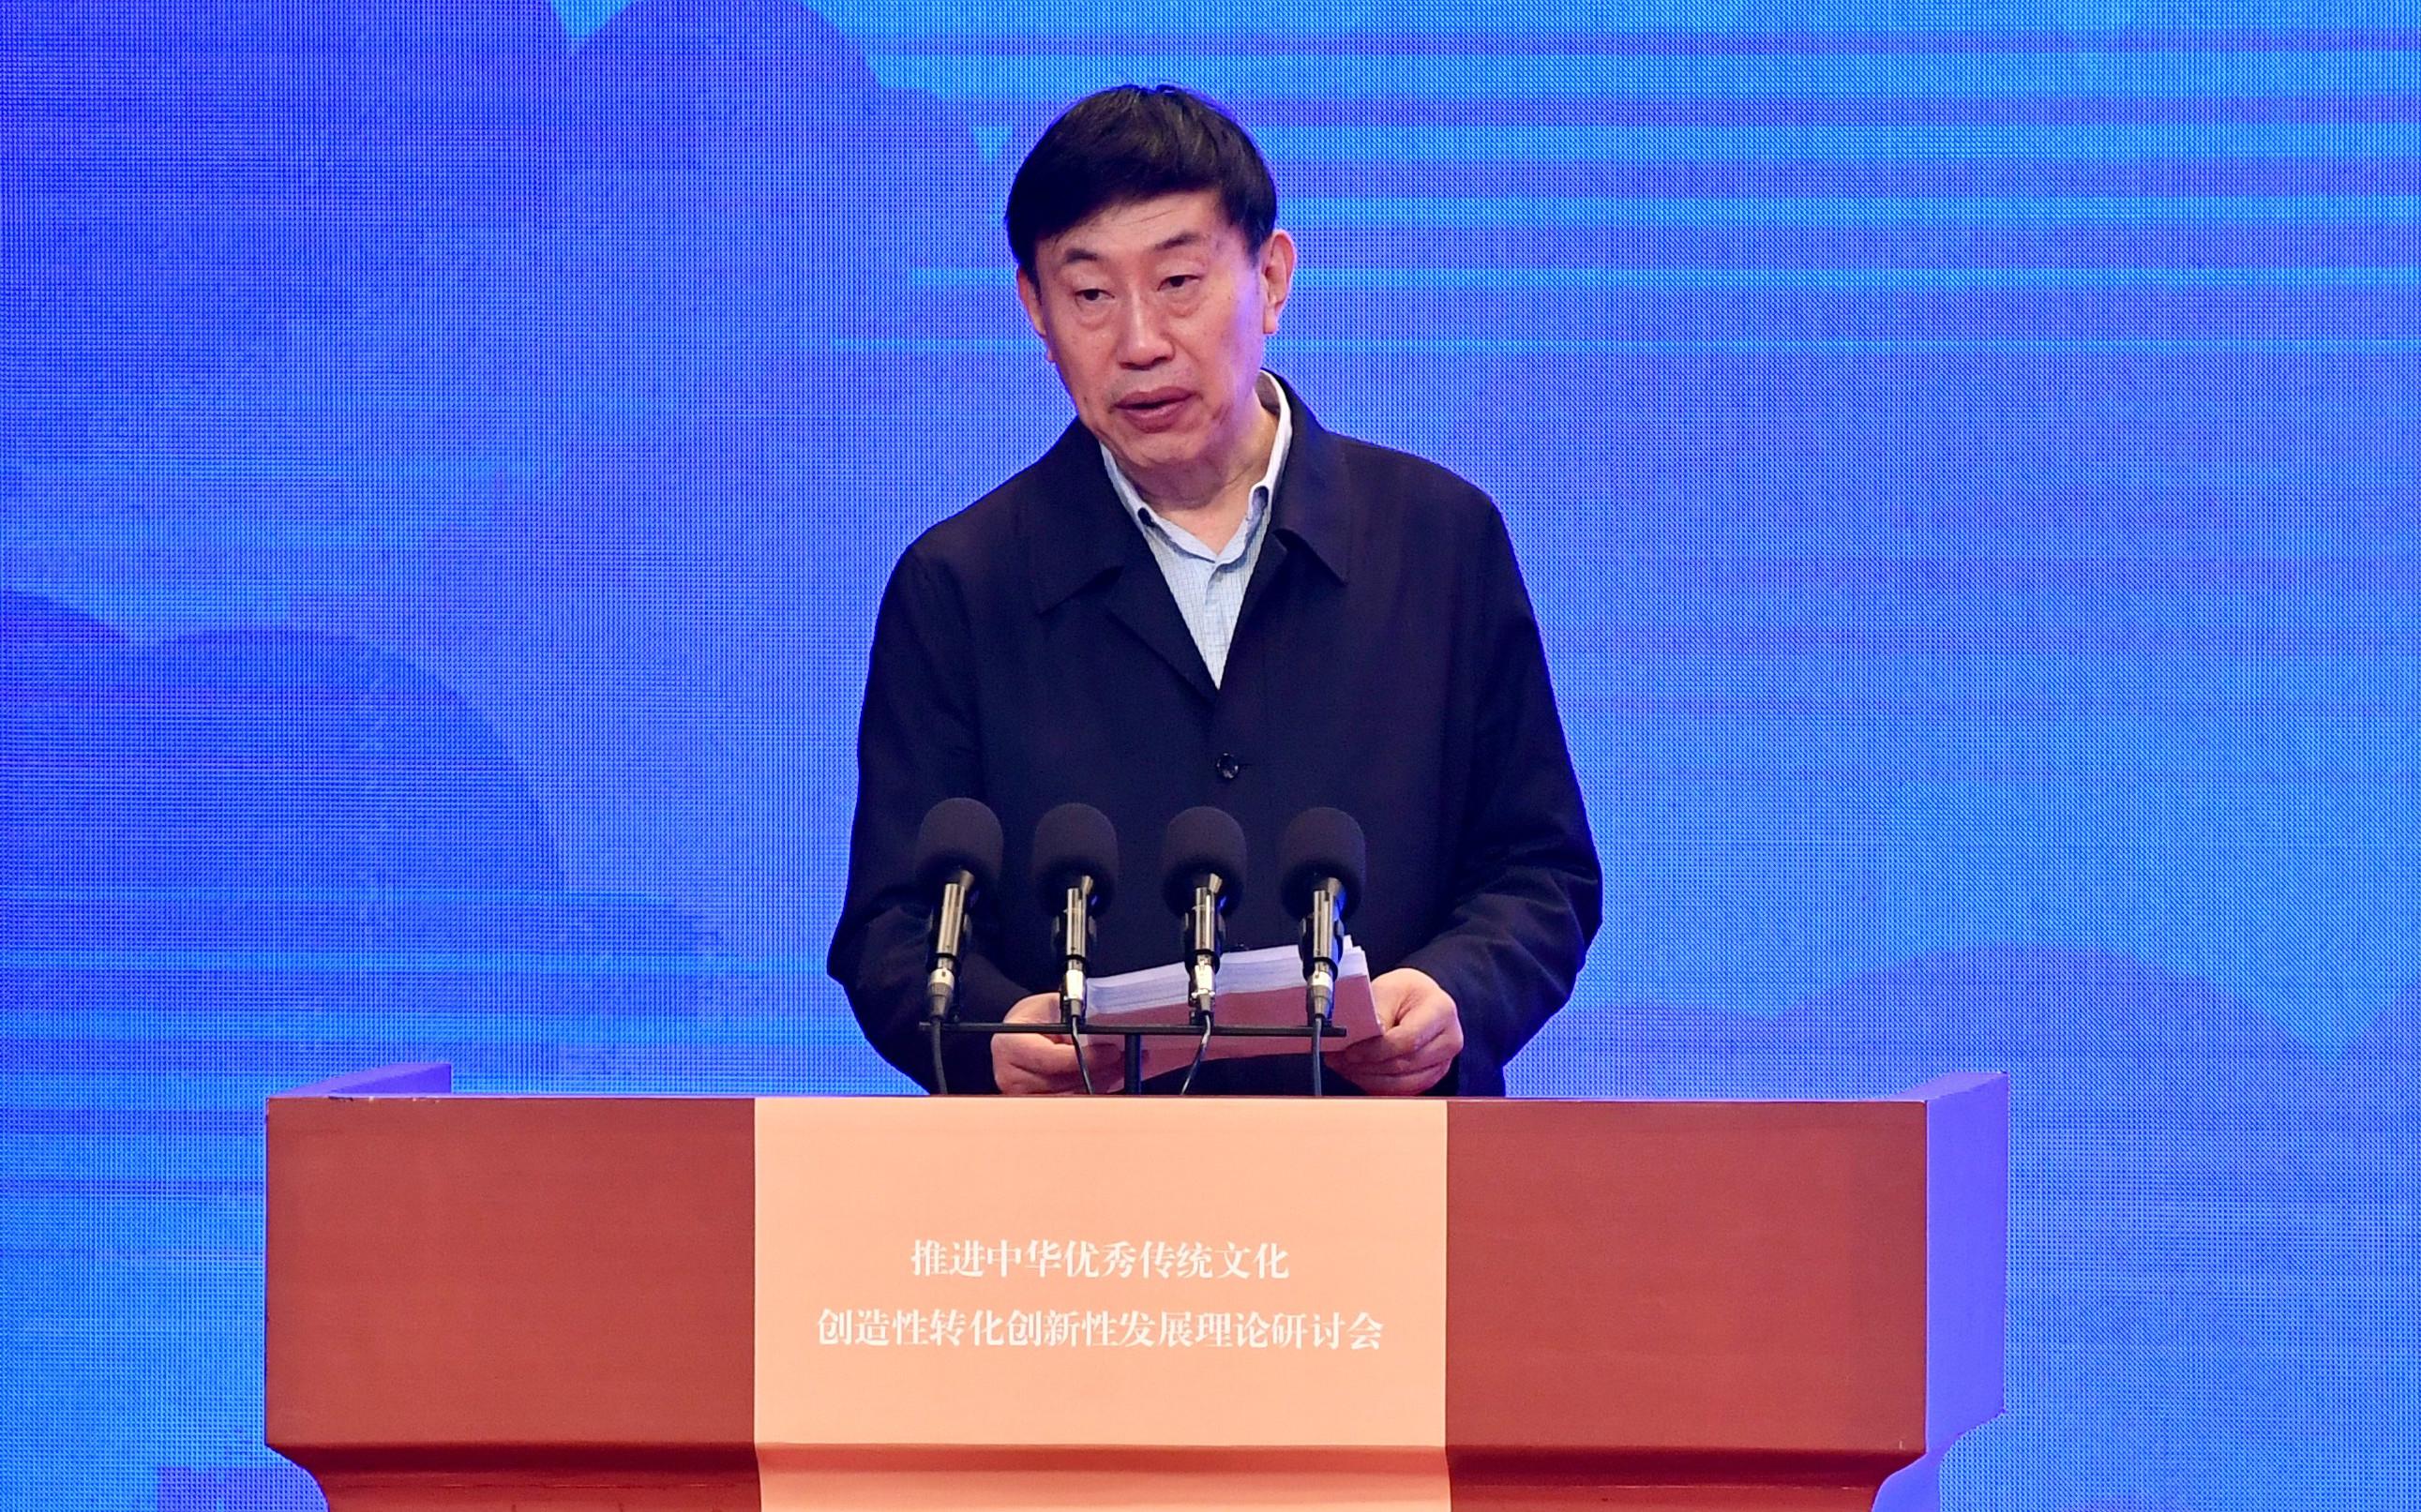 中国社会科学院副院长李培林:弘扬中华优秀传统文化要立足当前、面向未来